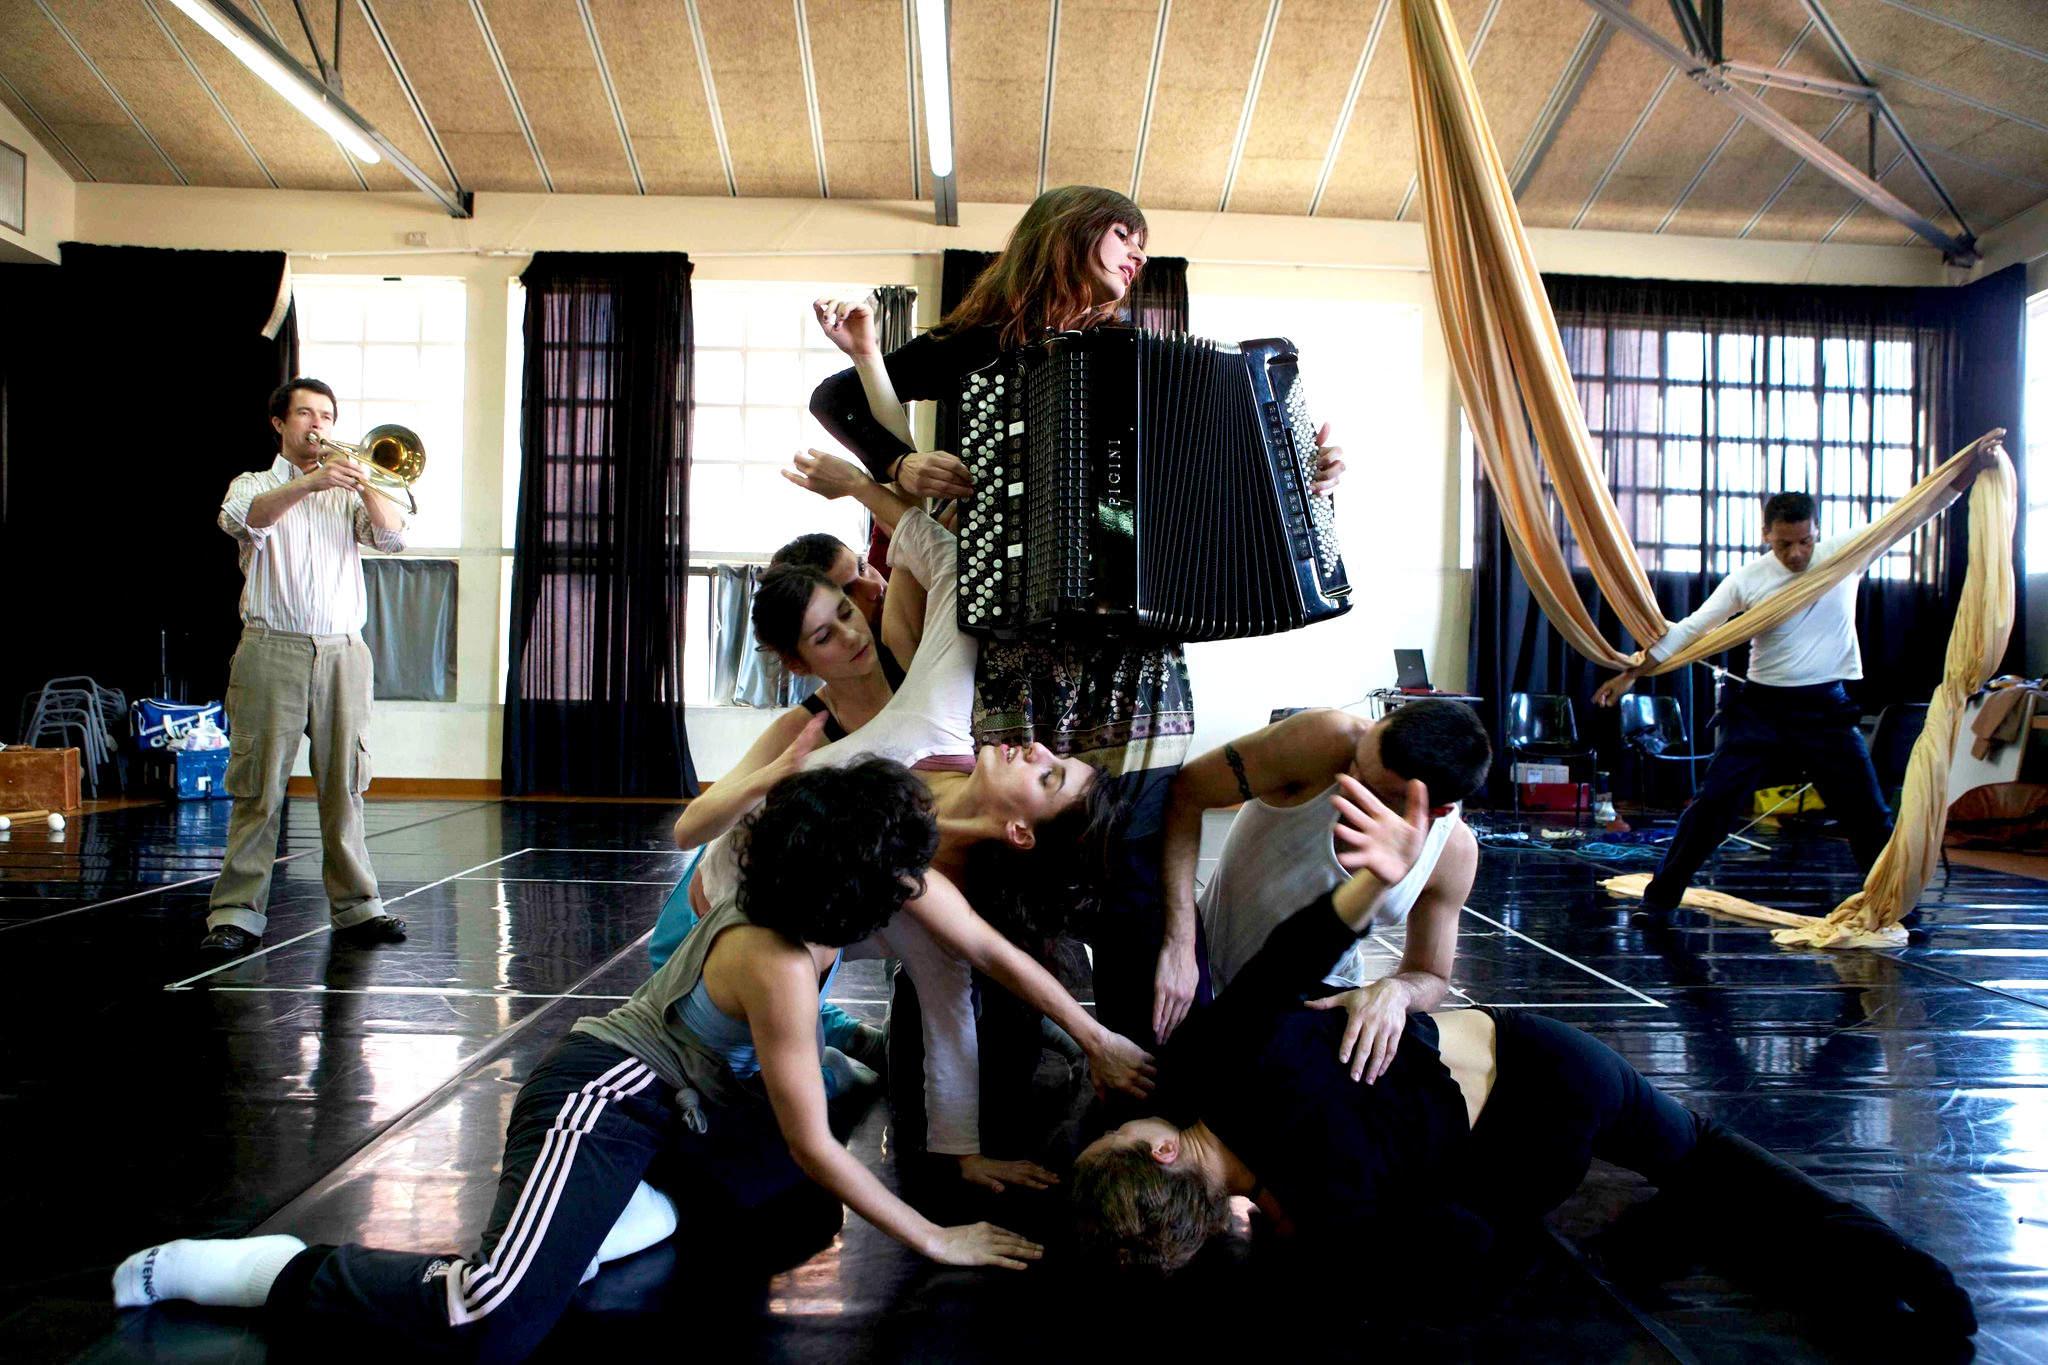 Improvisacion colective - Dance/music/theater/Circus/Paint